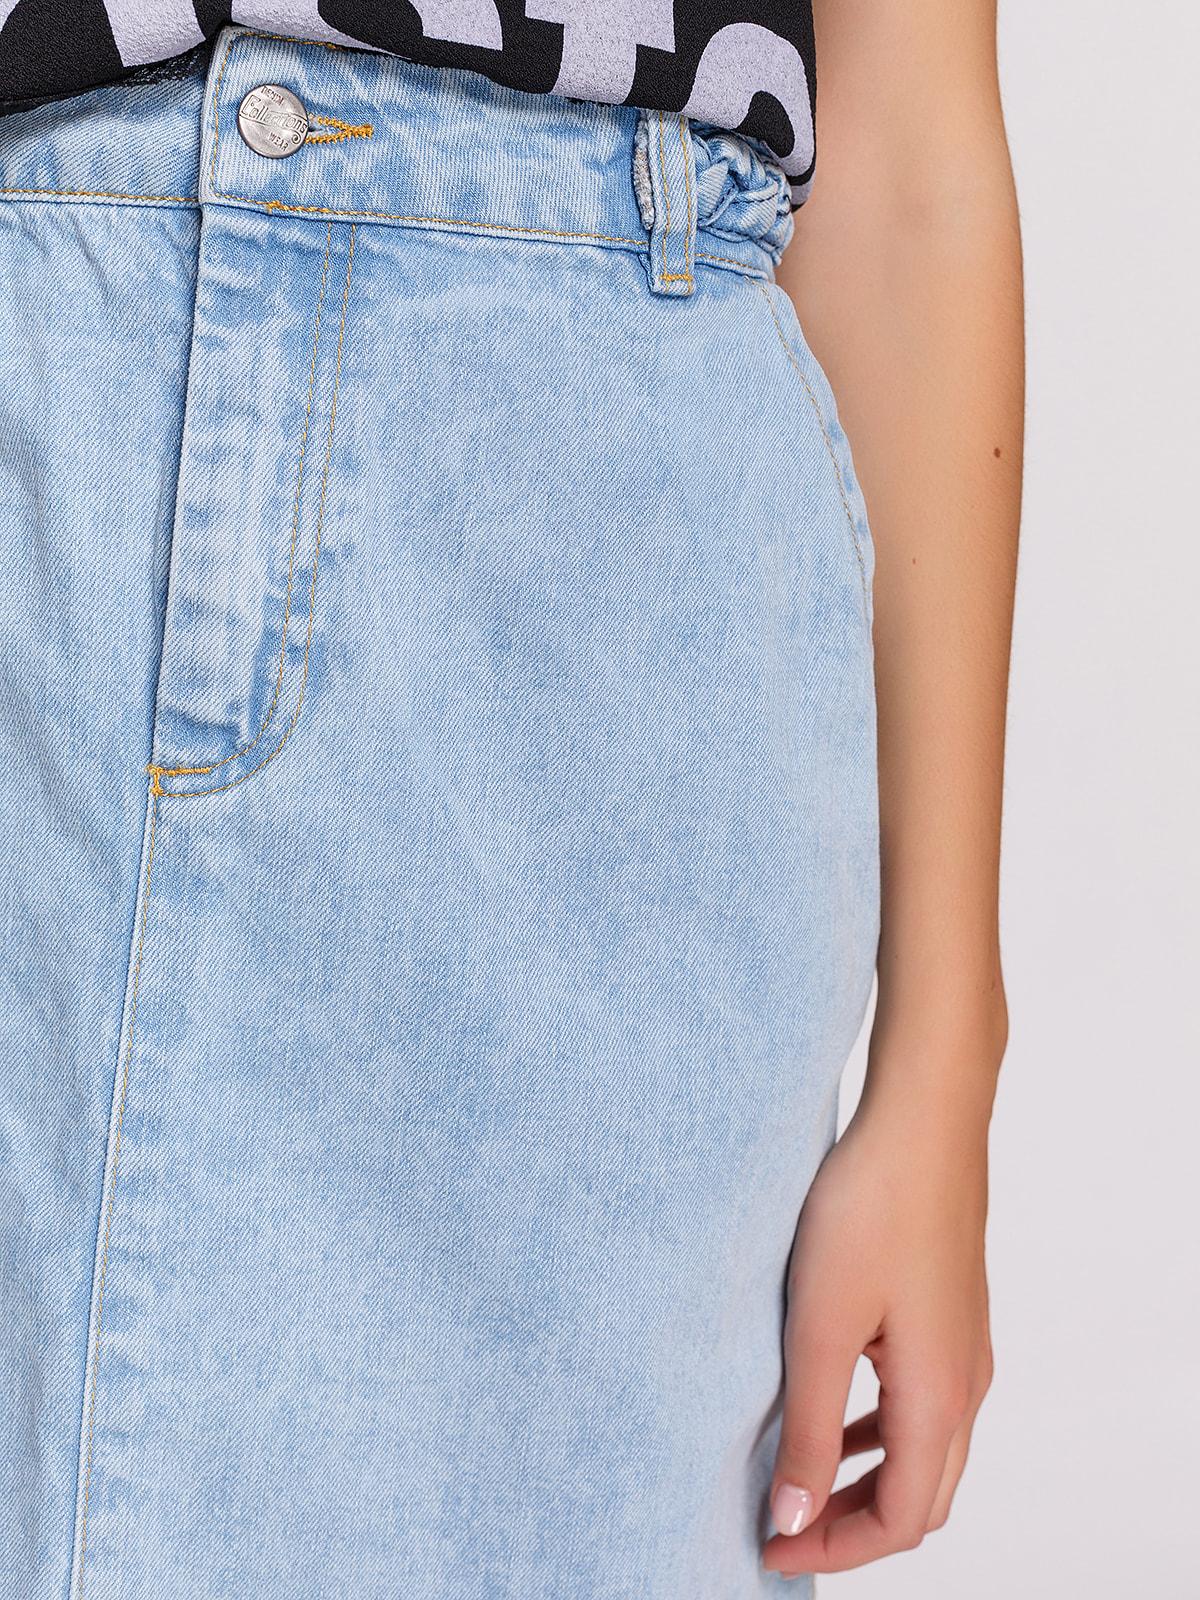 Юбка голубая джинсовая | 4631102 | фото 4